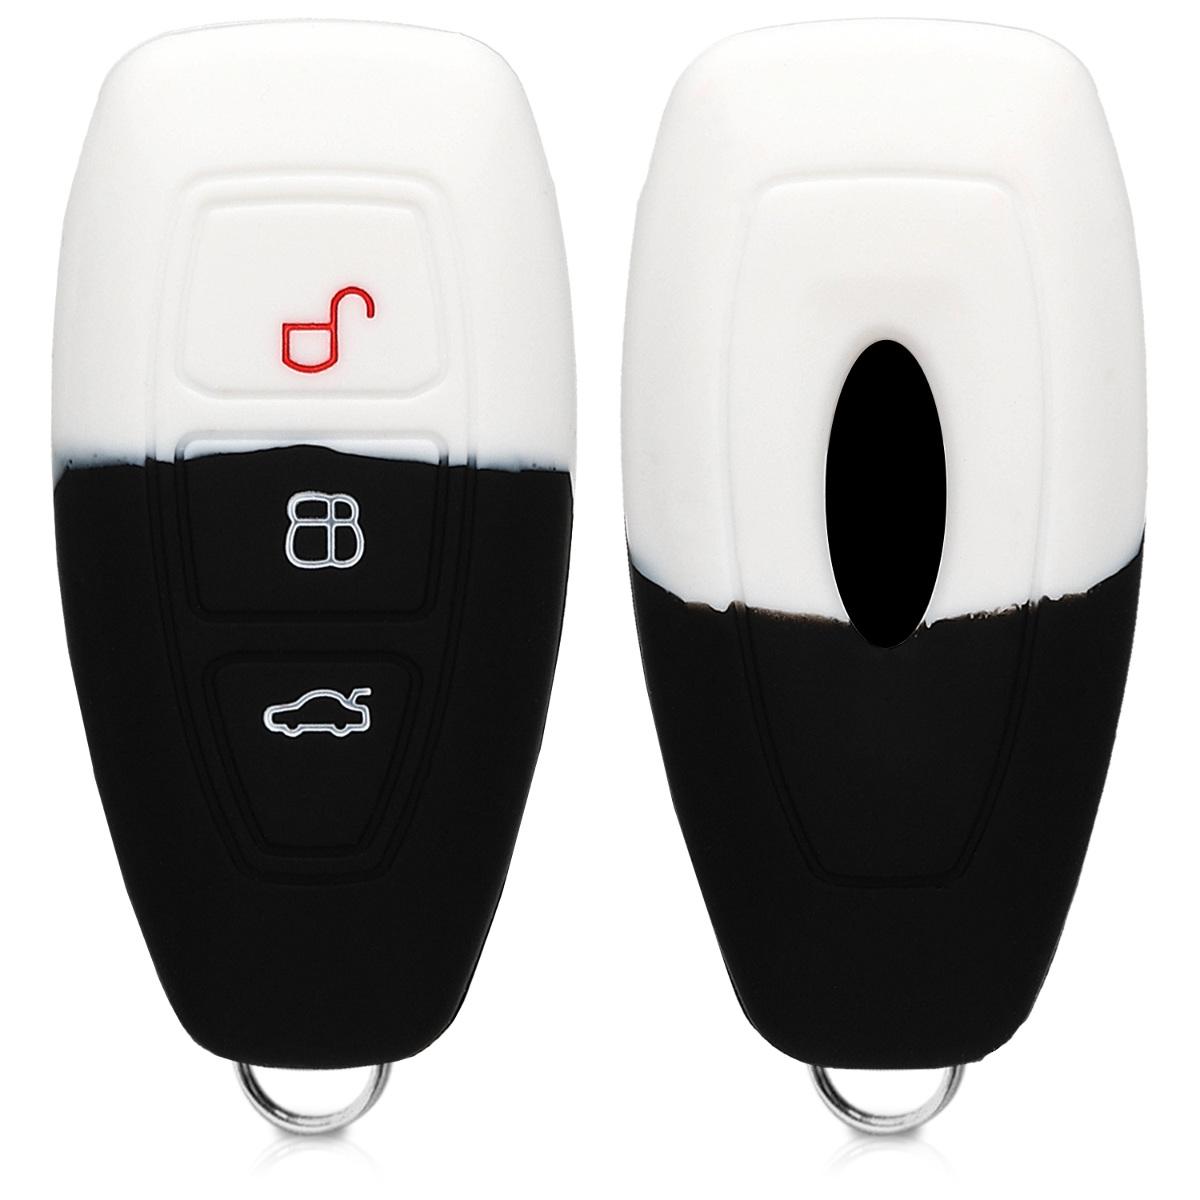 KW Θήκη κλειδιού -Ford - Σιλικόνη- 3 κουμπιά - Άσπρο/Μαύρο (44708.11)